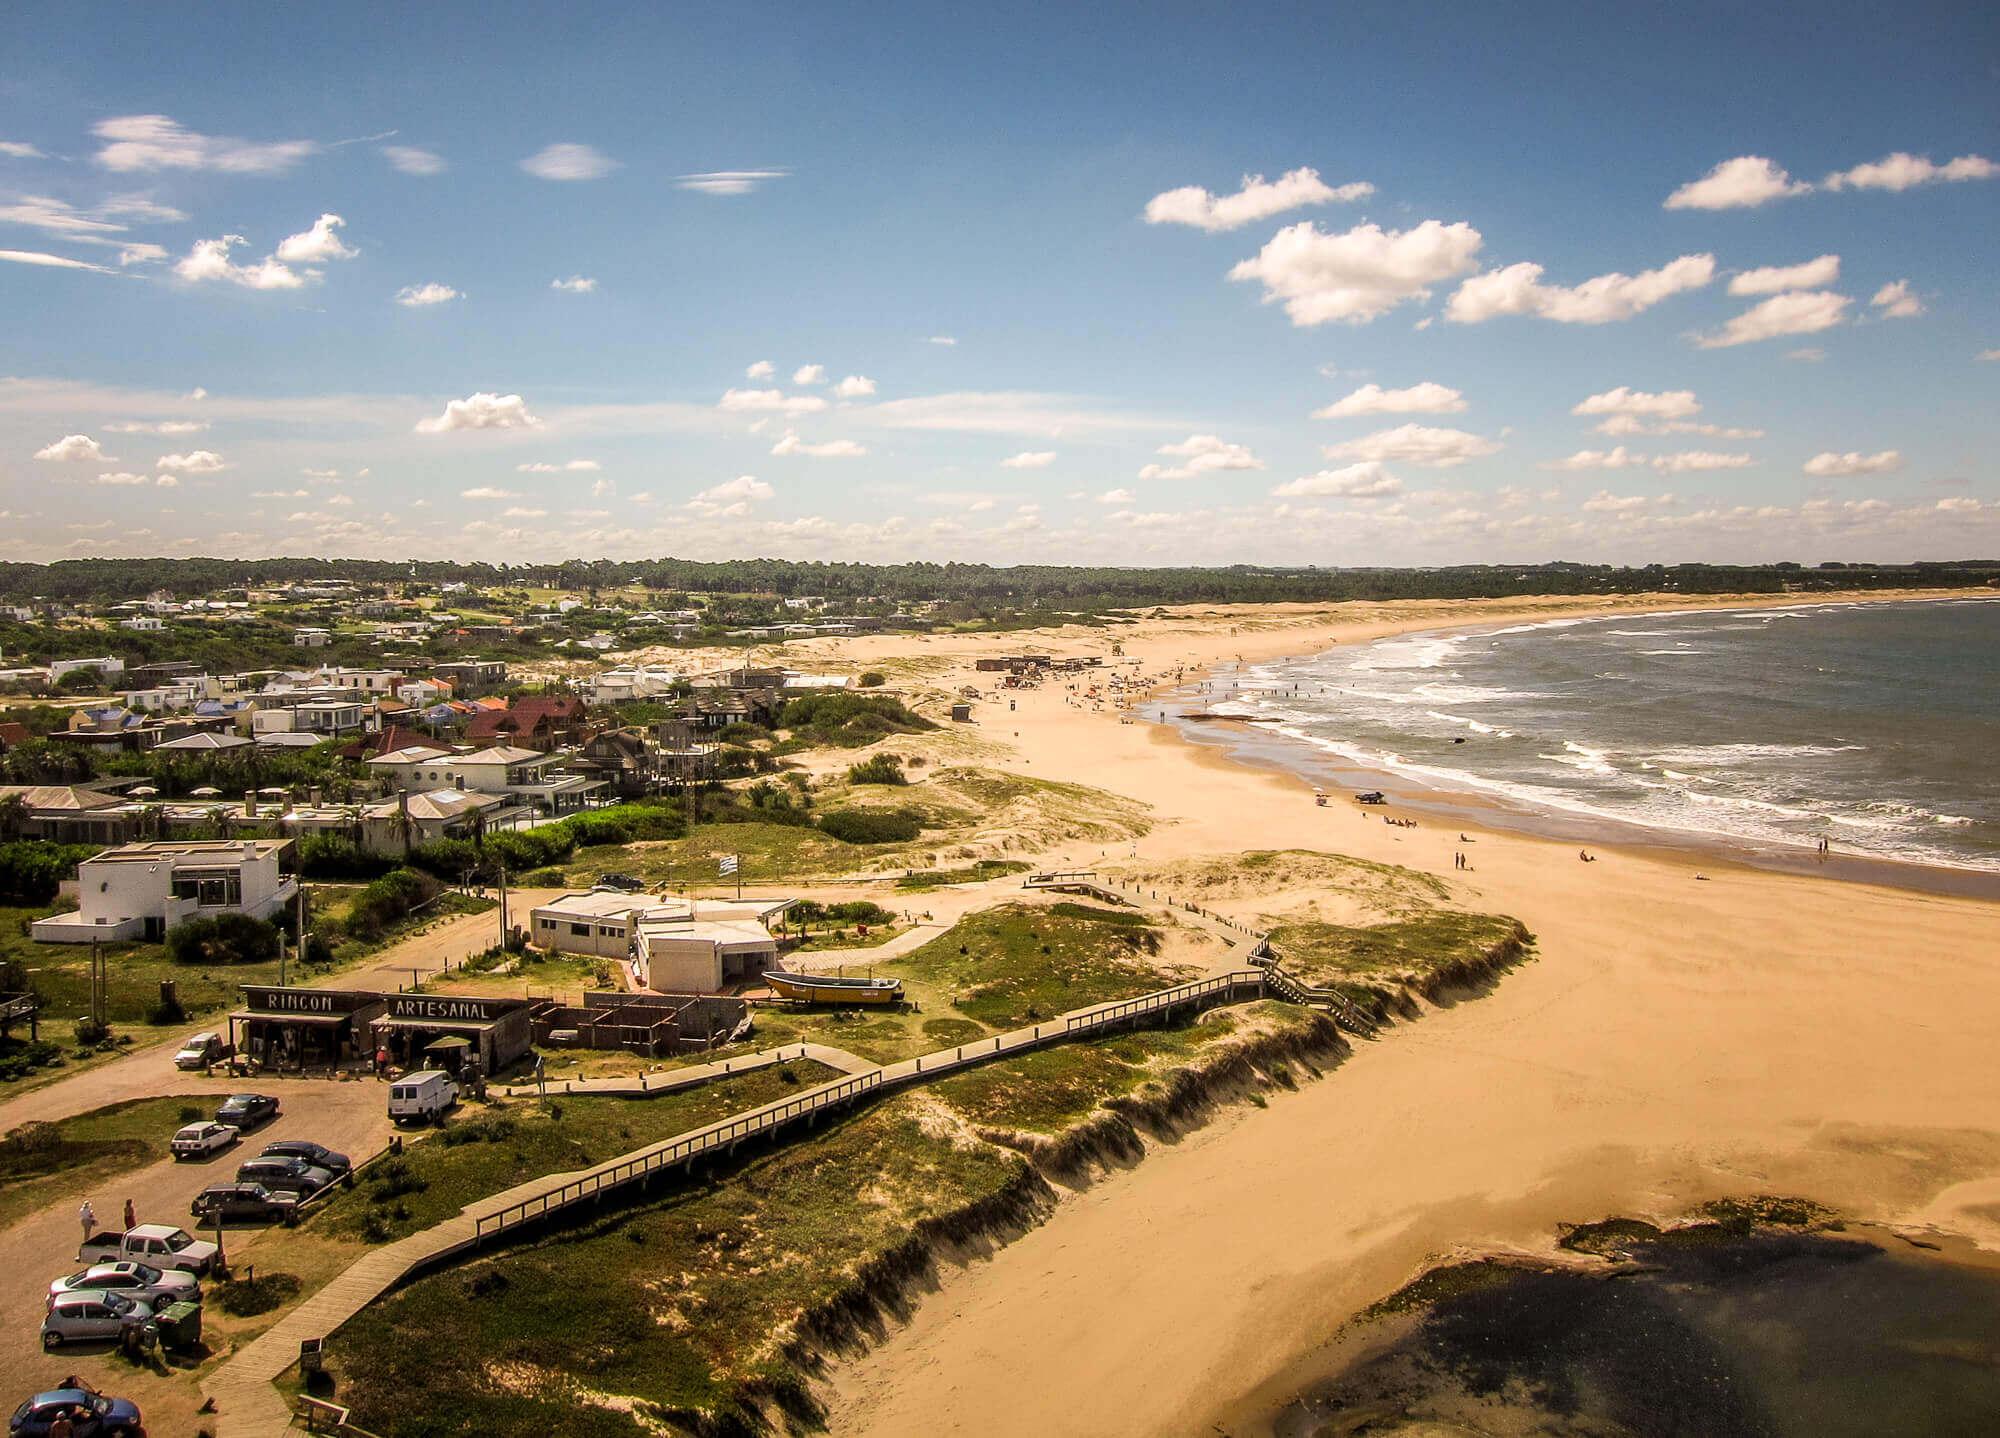 view of Playa Brava Jose Ignacio